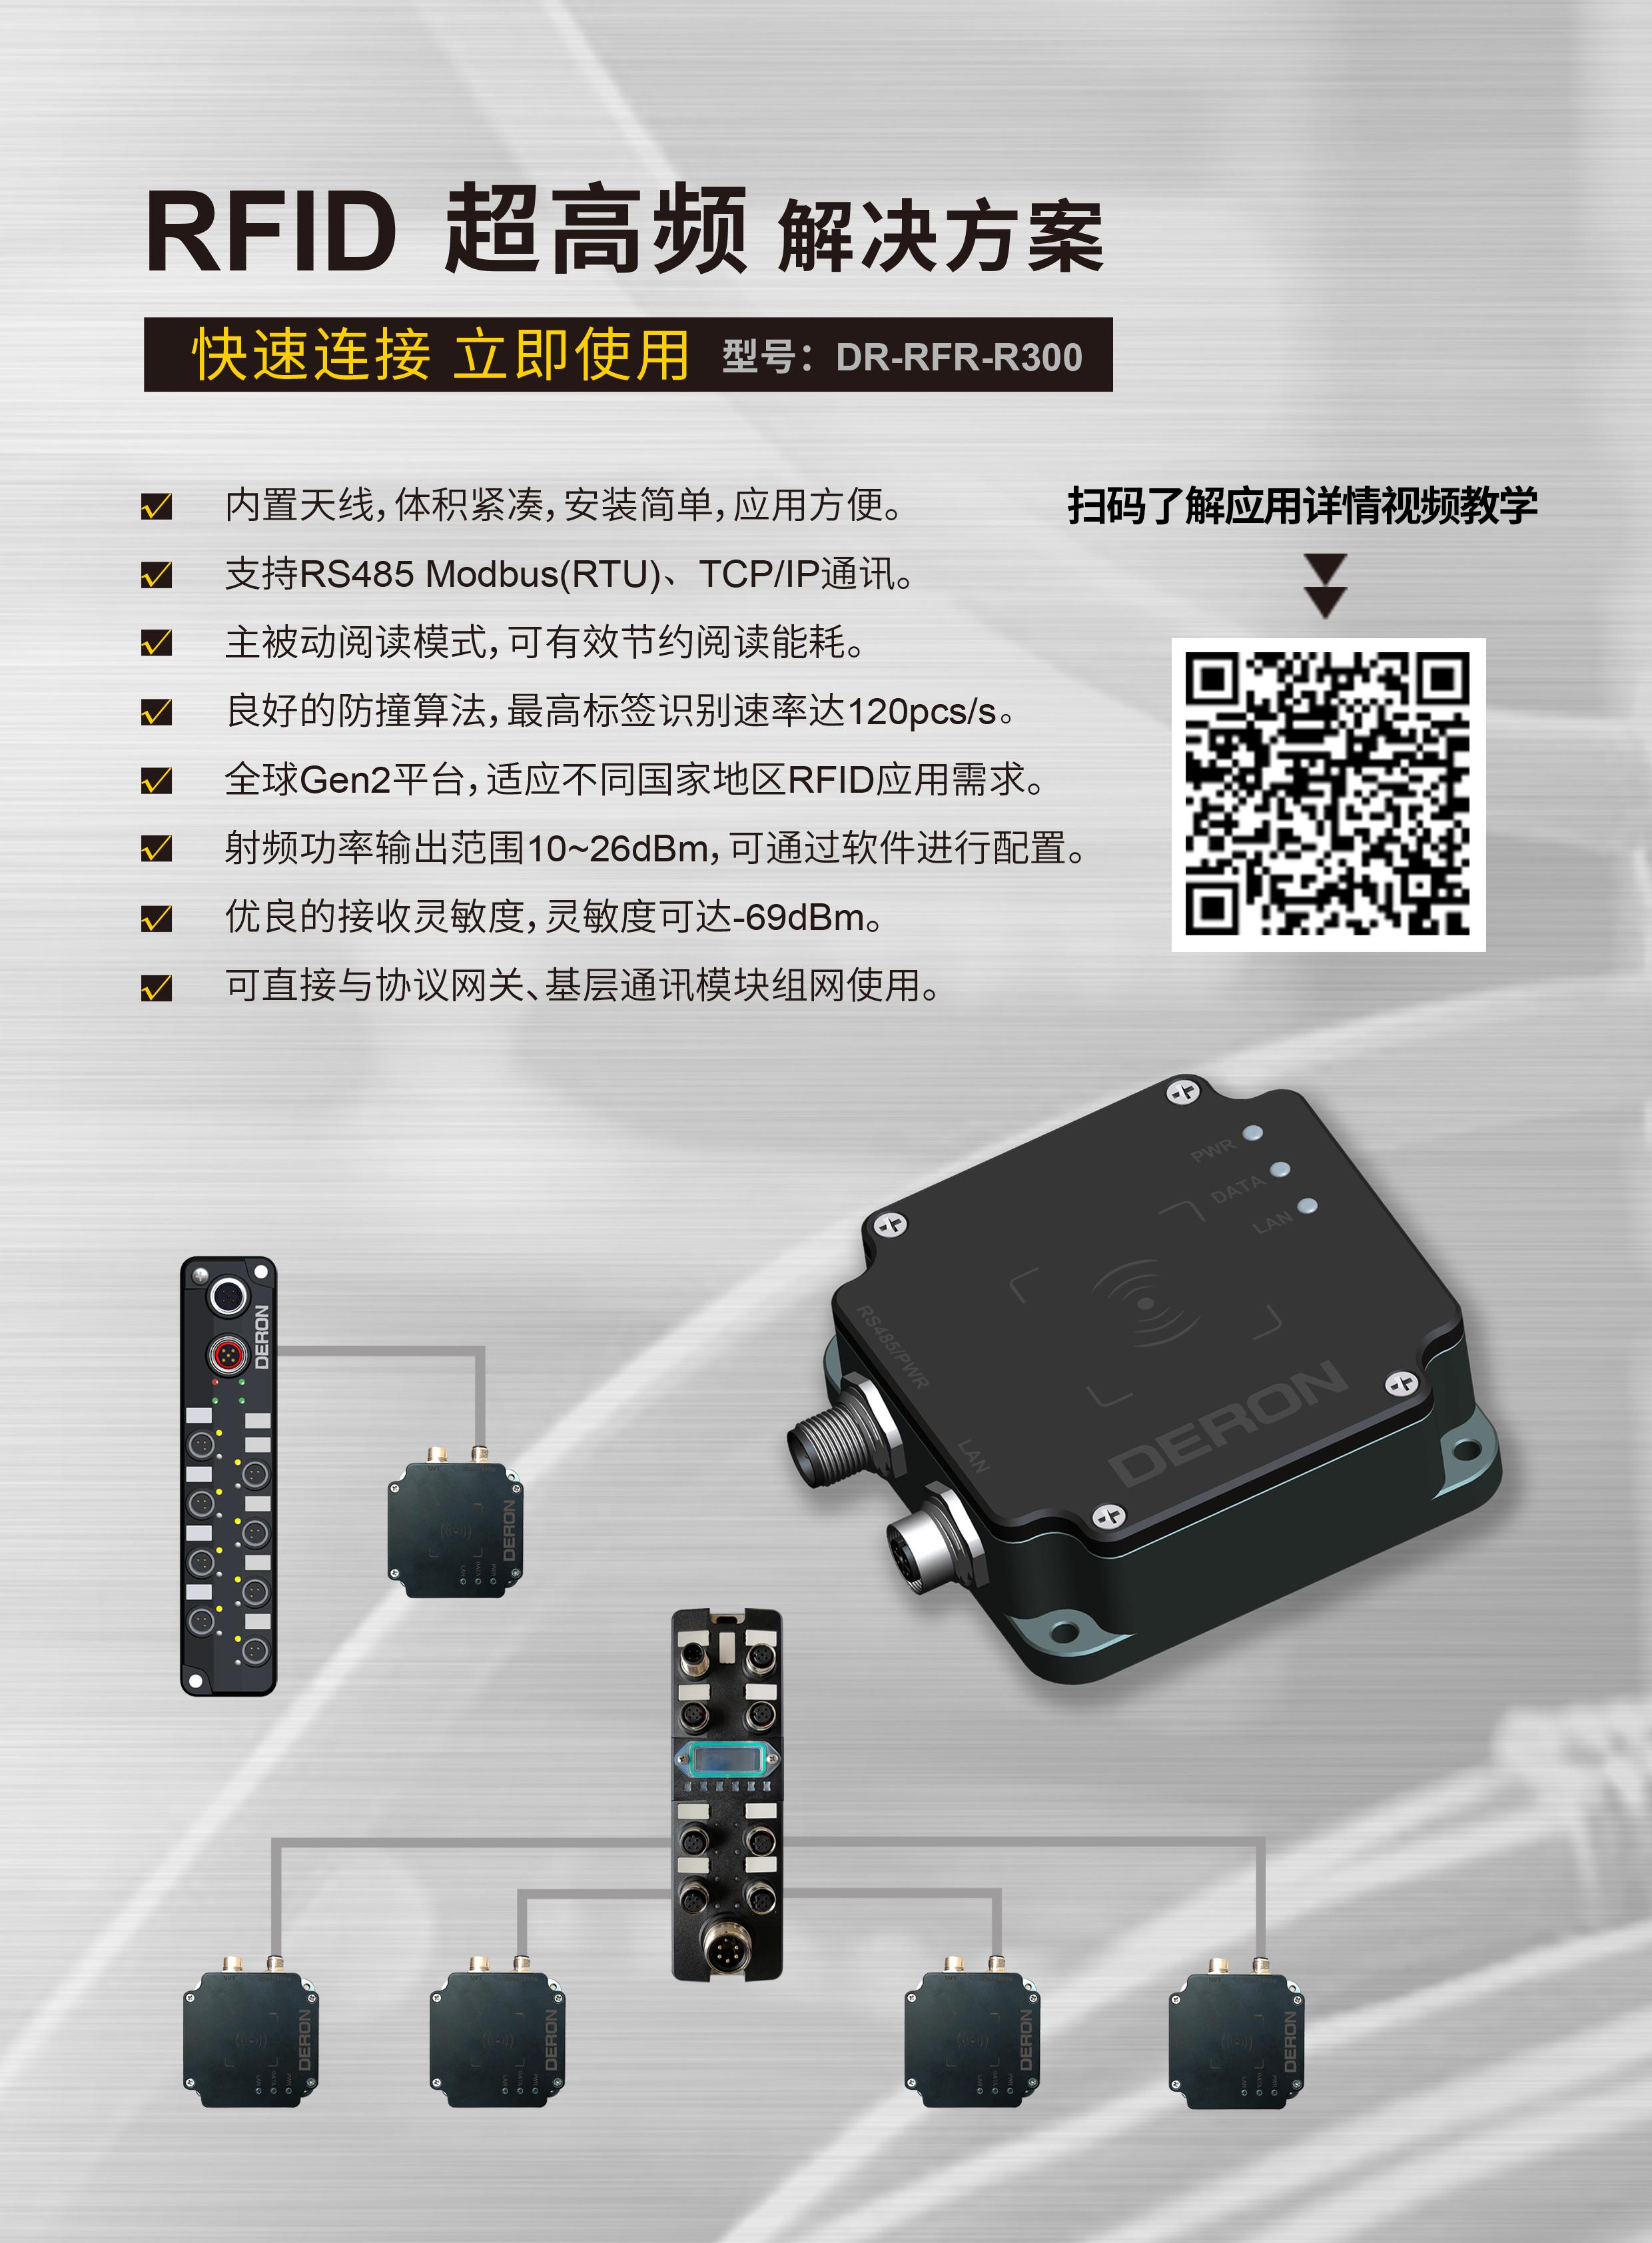 RFID读写器及标签推广视频